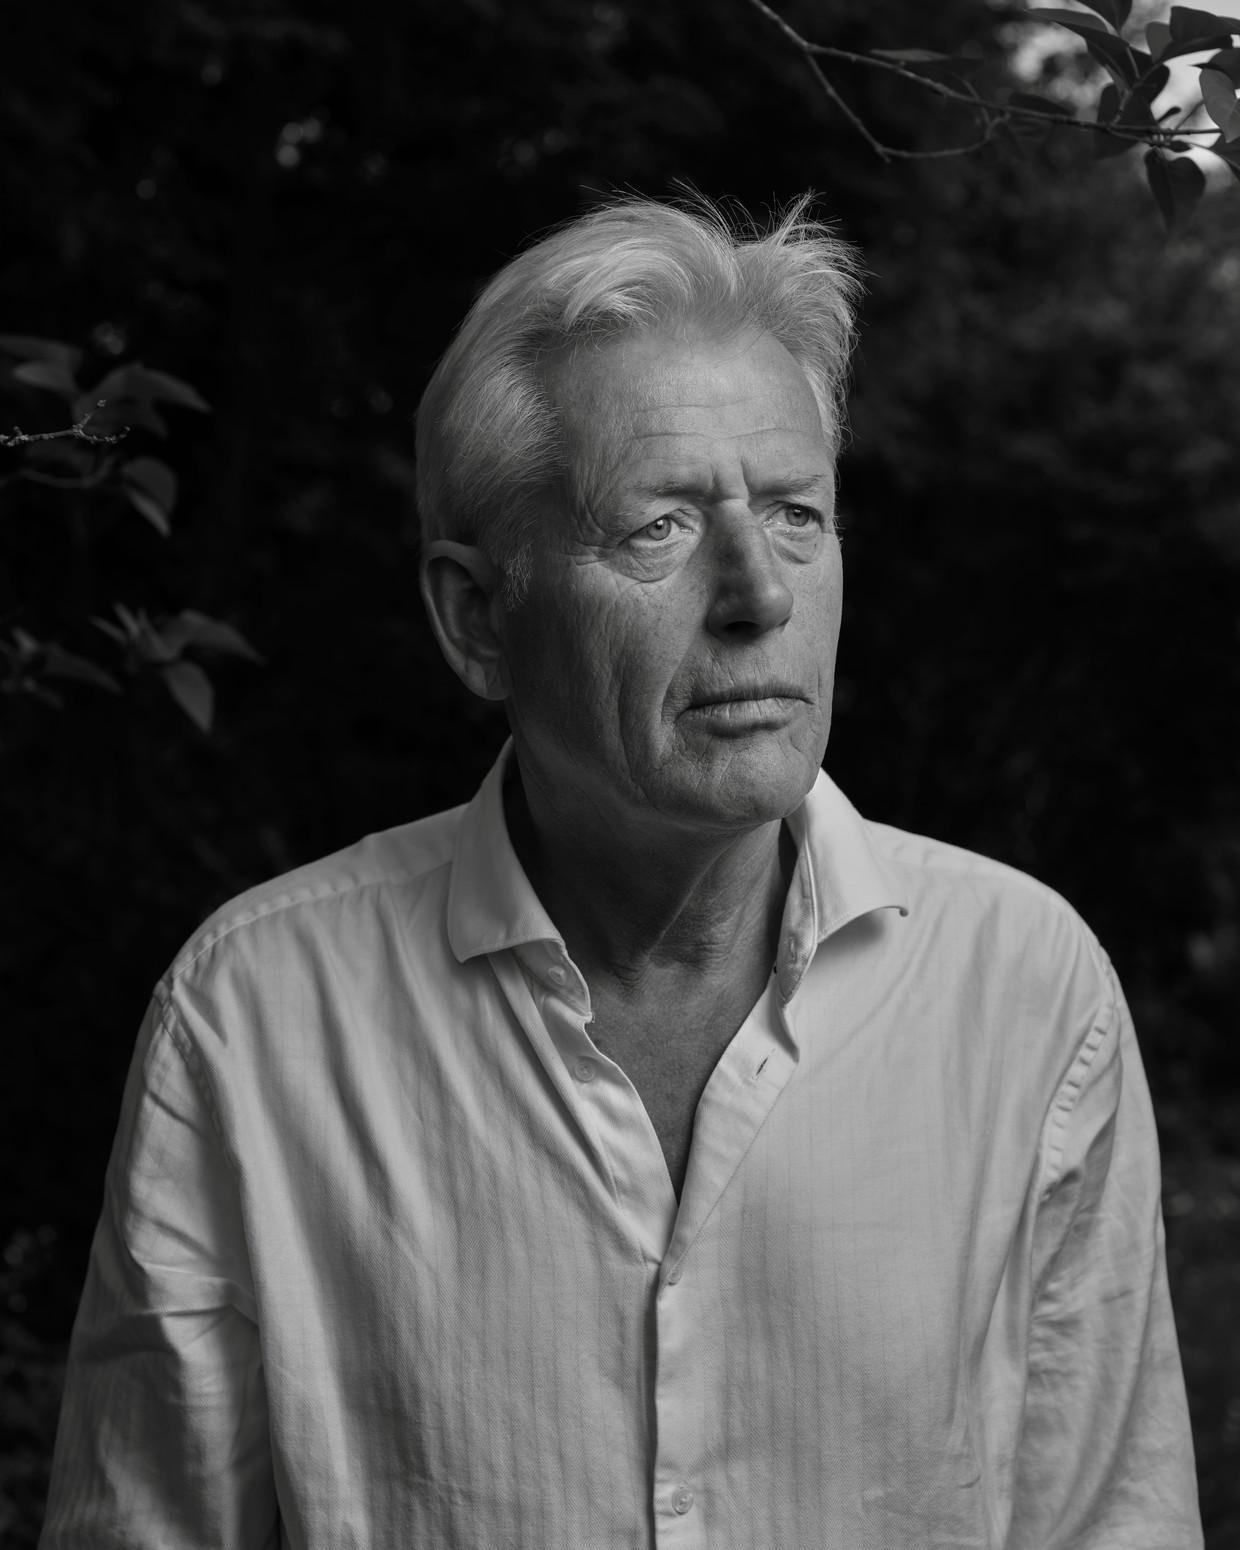 Kinderboekenschrijver Sjoerd Kuyper: 'Het einde heeft godzijdank nog niemand verklapt.'